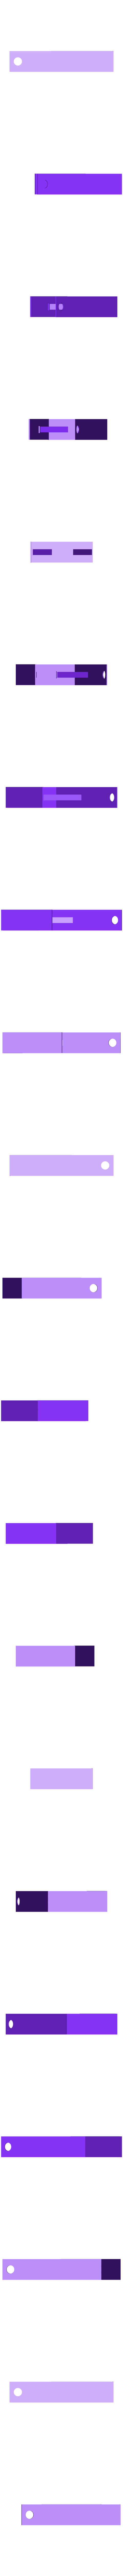 visualiseur stl.stl Télécharger fichier STL gratuit Portable visualizer / lycée Jean Mermoz • Design à imprimer en 3D, Rcsa